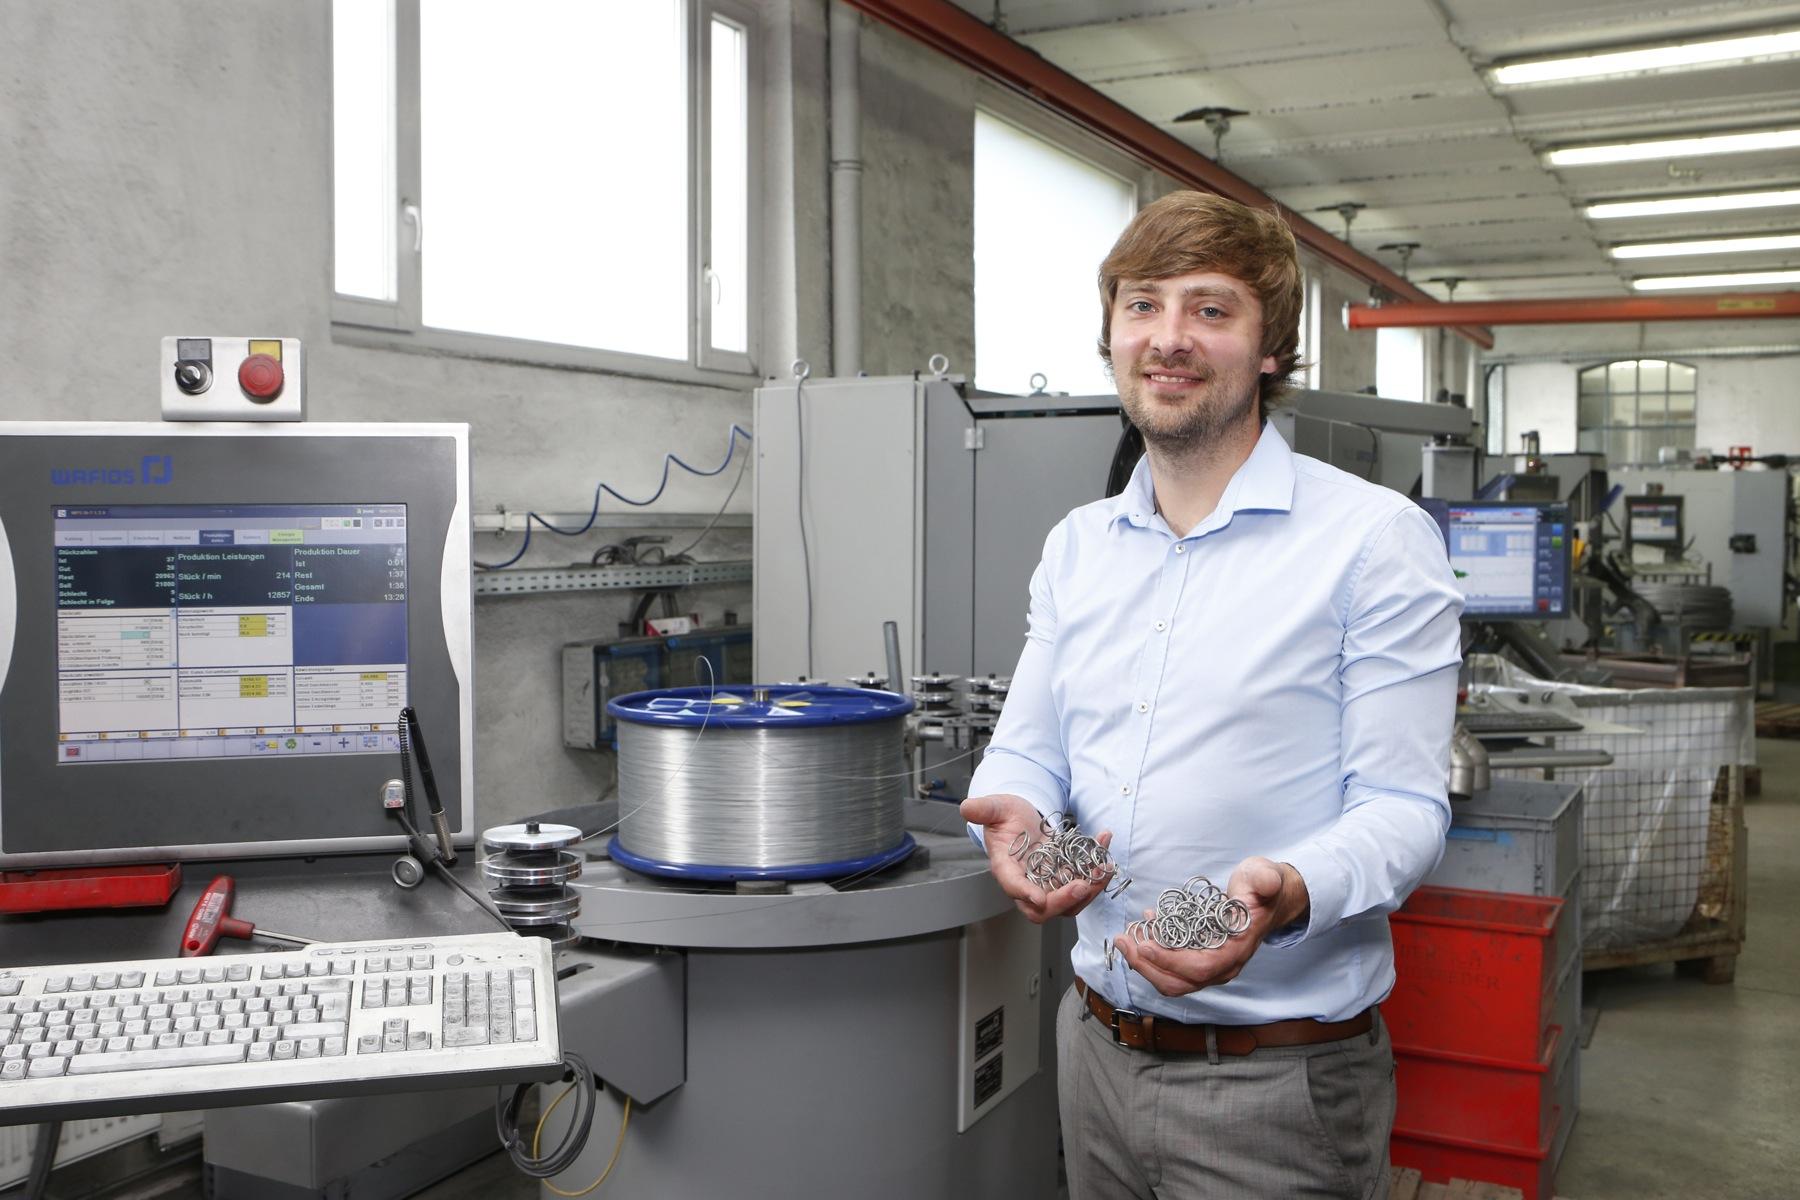 Andreas Jansen ist einer der beiden Geschäftsführer der Schrimpf & Schöneberg GmbH & Co. KG in Hagen-Hohenlimburg